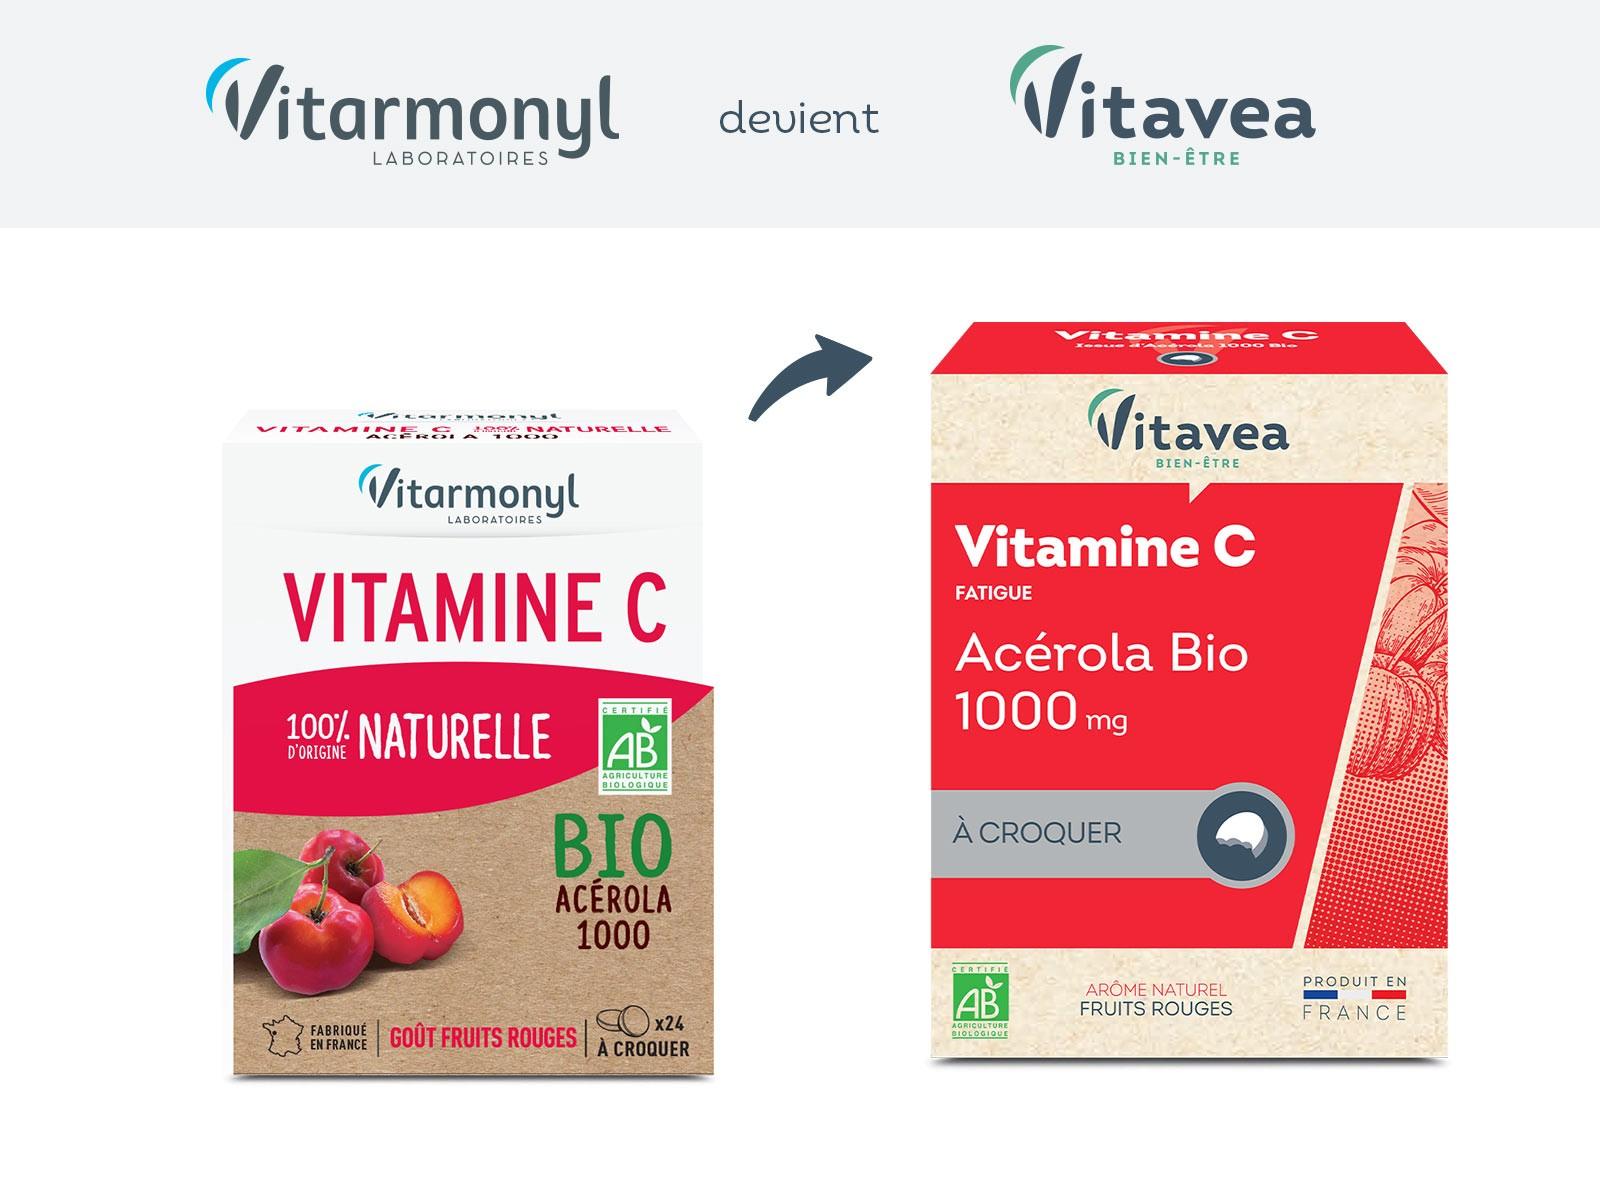 Image Vitamine C 100% d'origine naturelle BIO